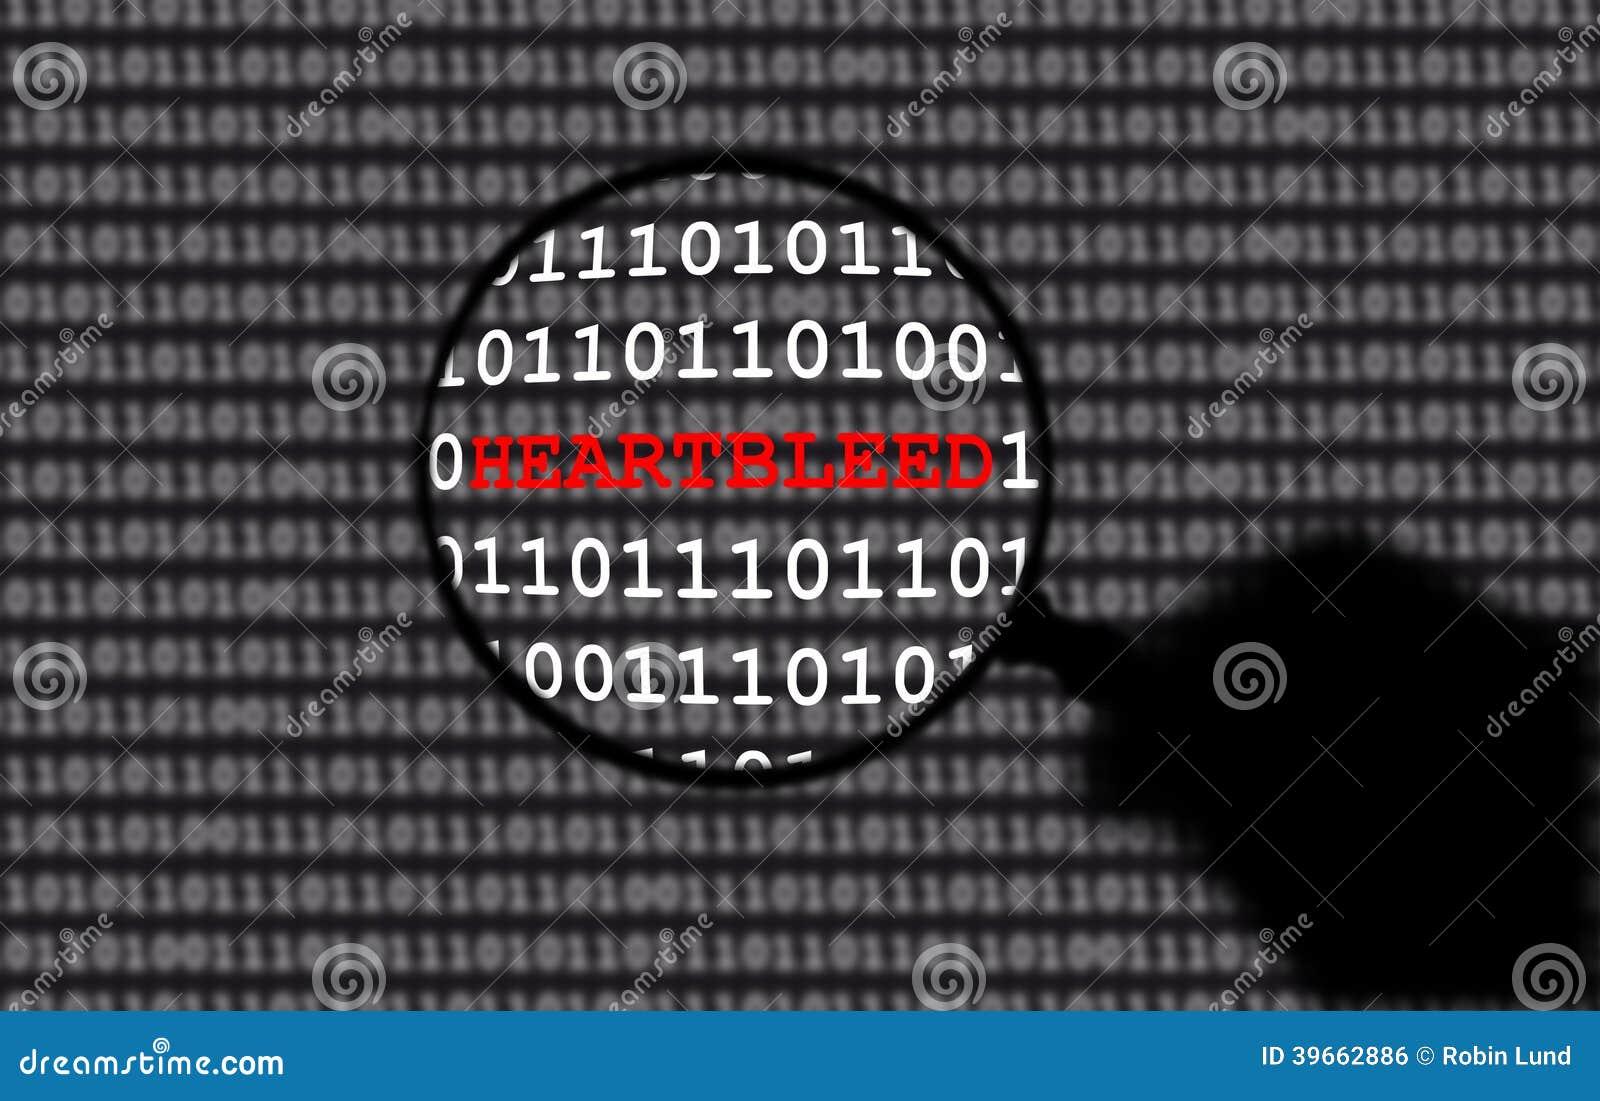 Código heartbleed ocultado